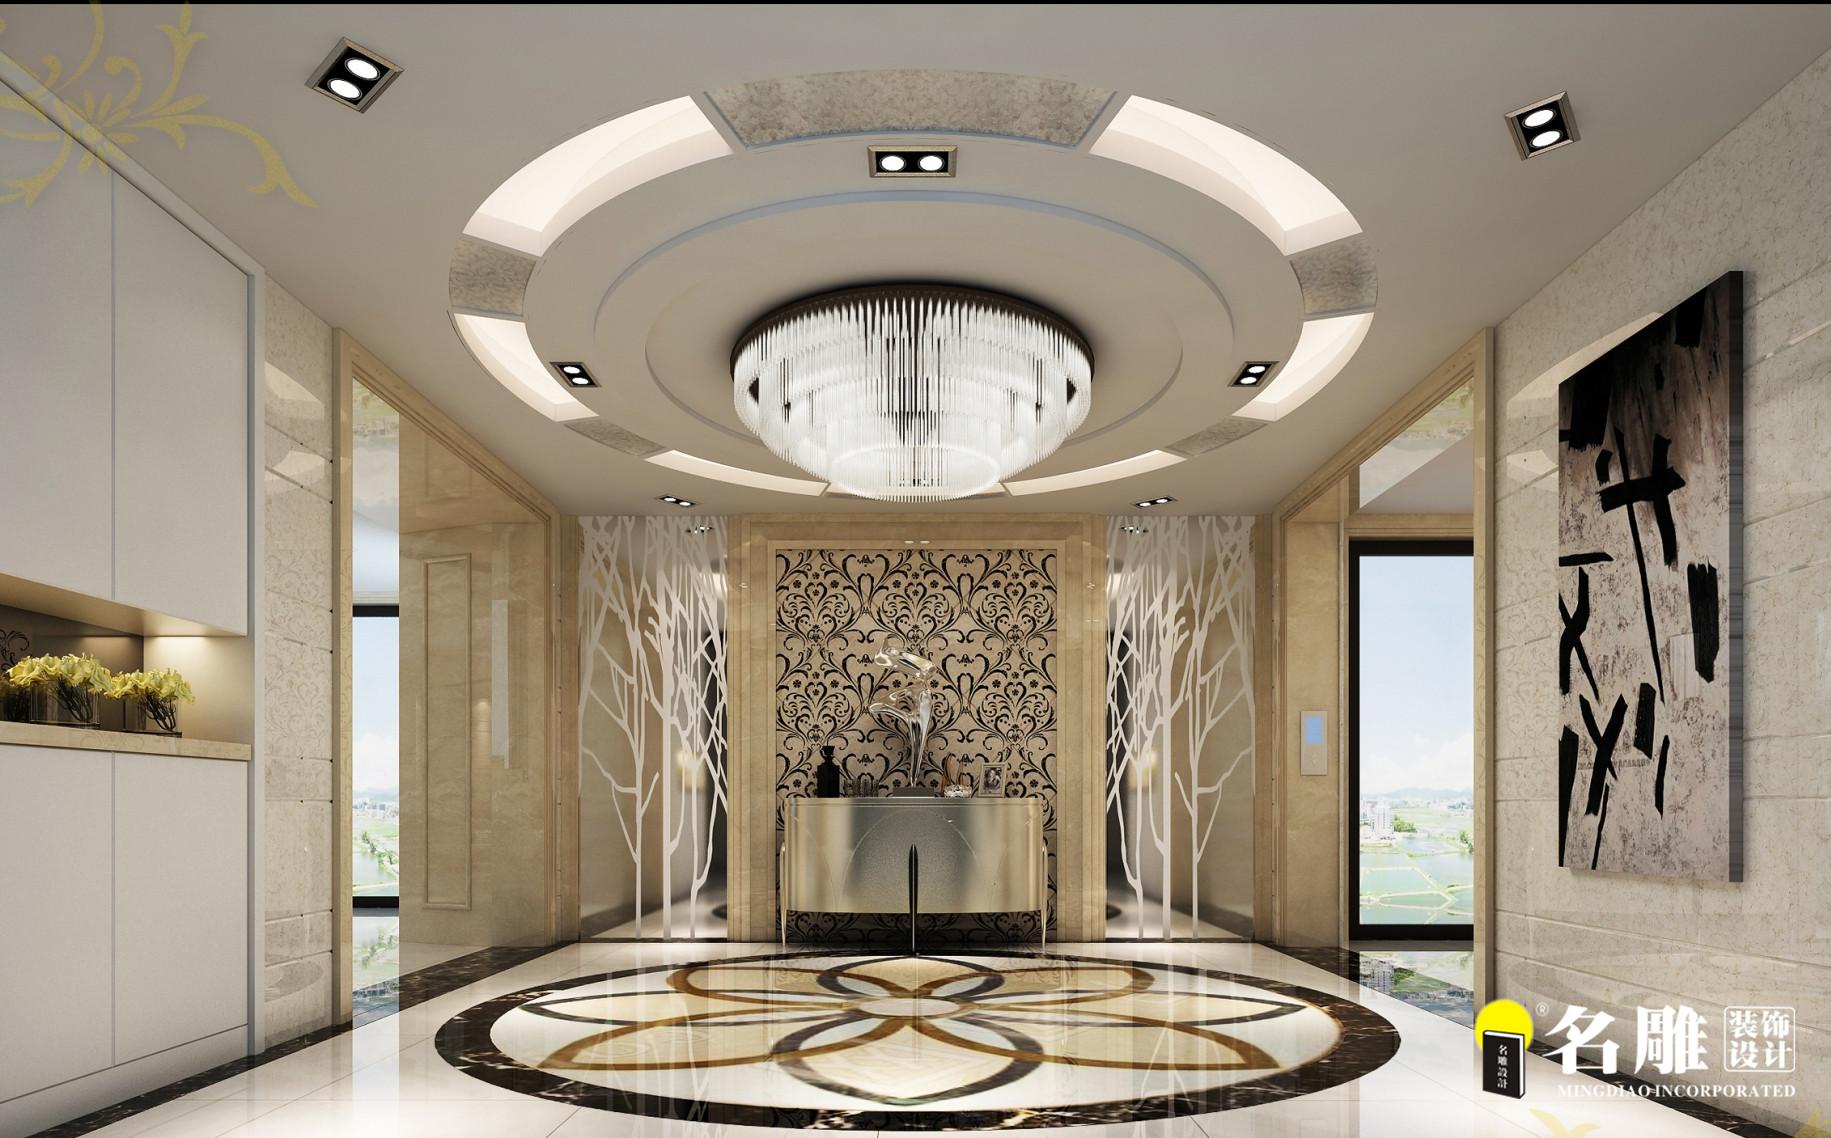 现代 复式别墅 精致 4厅 12室 11卫 玄关图片来自名雕装饰设计在简约不简单的分享